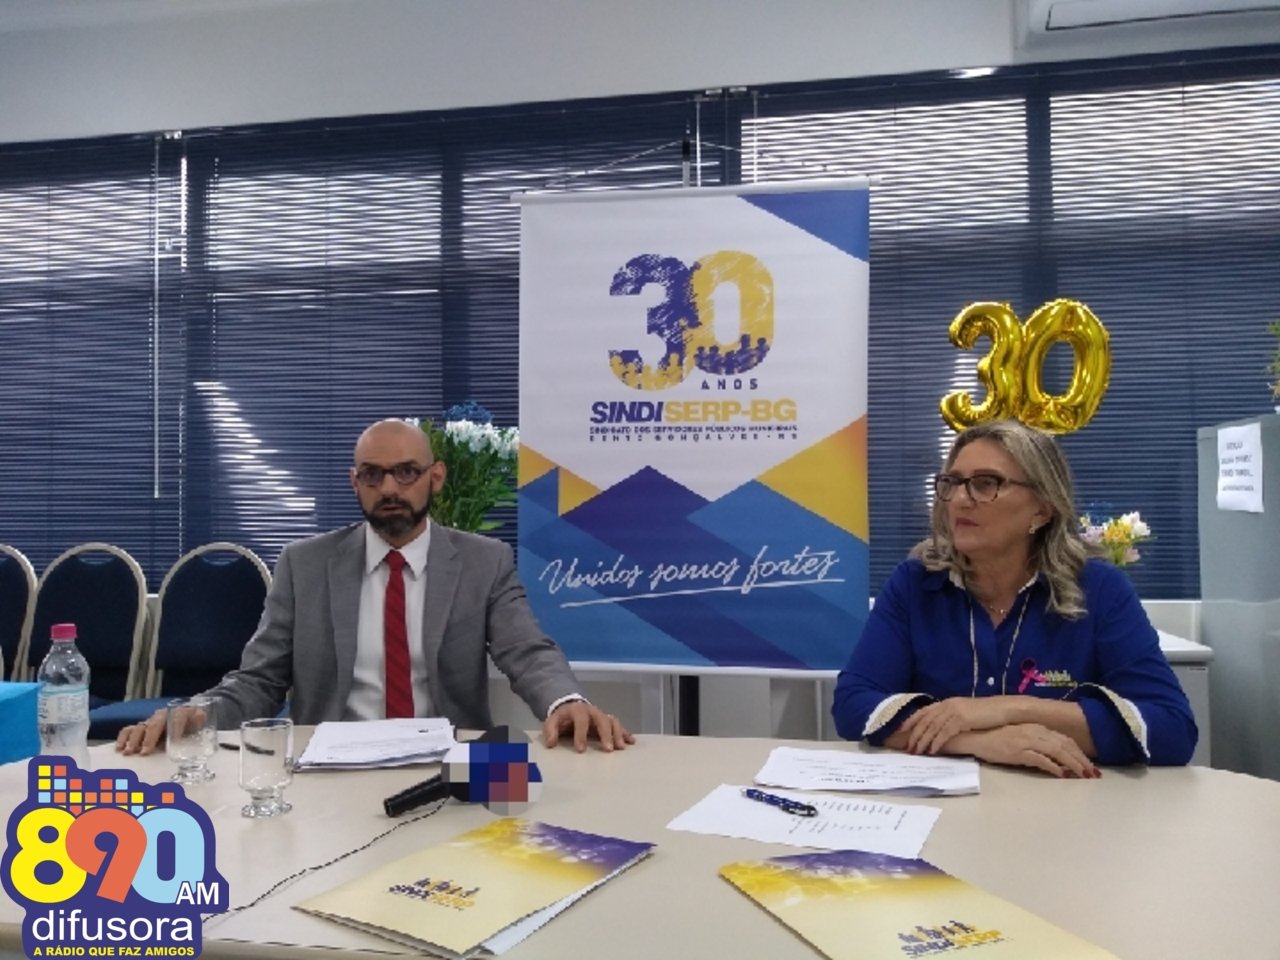 Sindiserp informa apontamento de Ministério sobre o FAPSBENTO e Prefeitura divulga nota